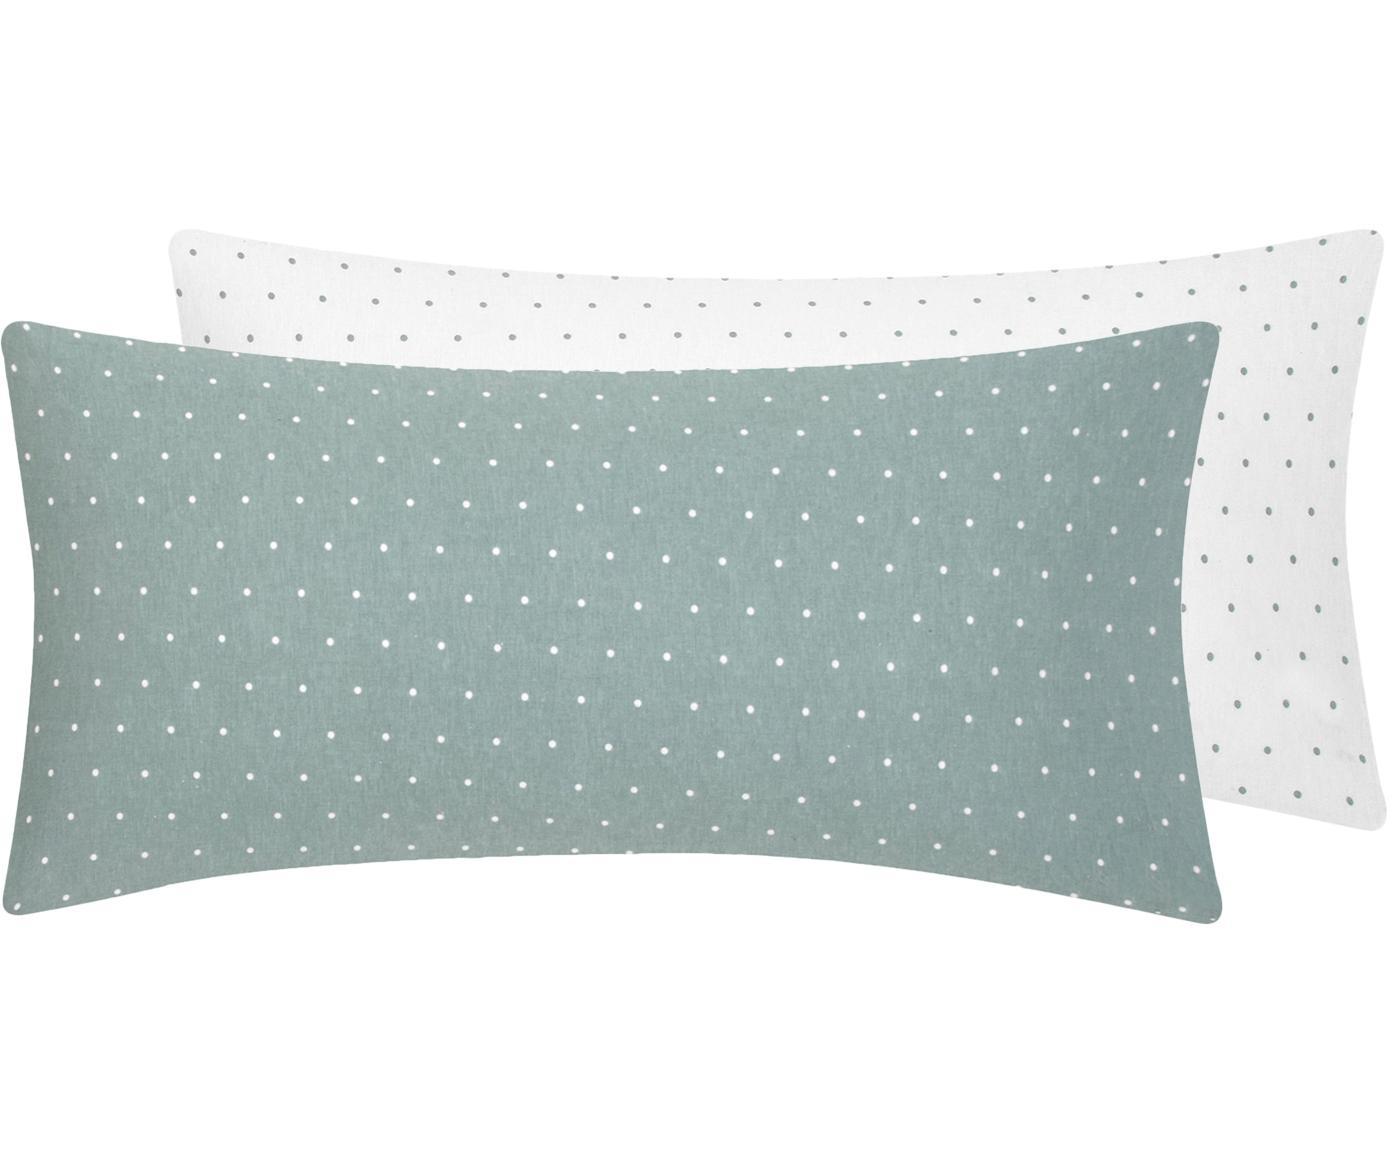 Flanell-Wendekissenbezüge Betty, gepunktet, 2 Stück, Webart: Flanell Fadendichte 144 T, Salbeigrün, Weiß, 40 x 80 cm